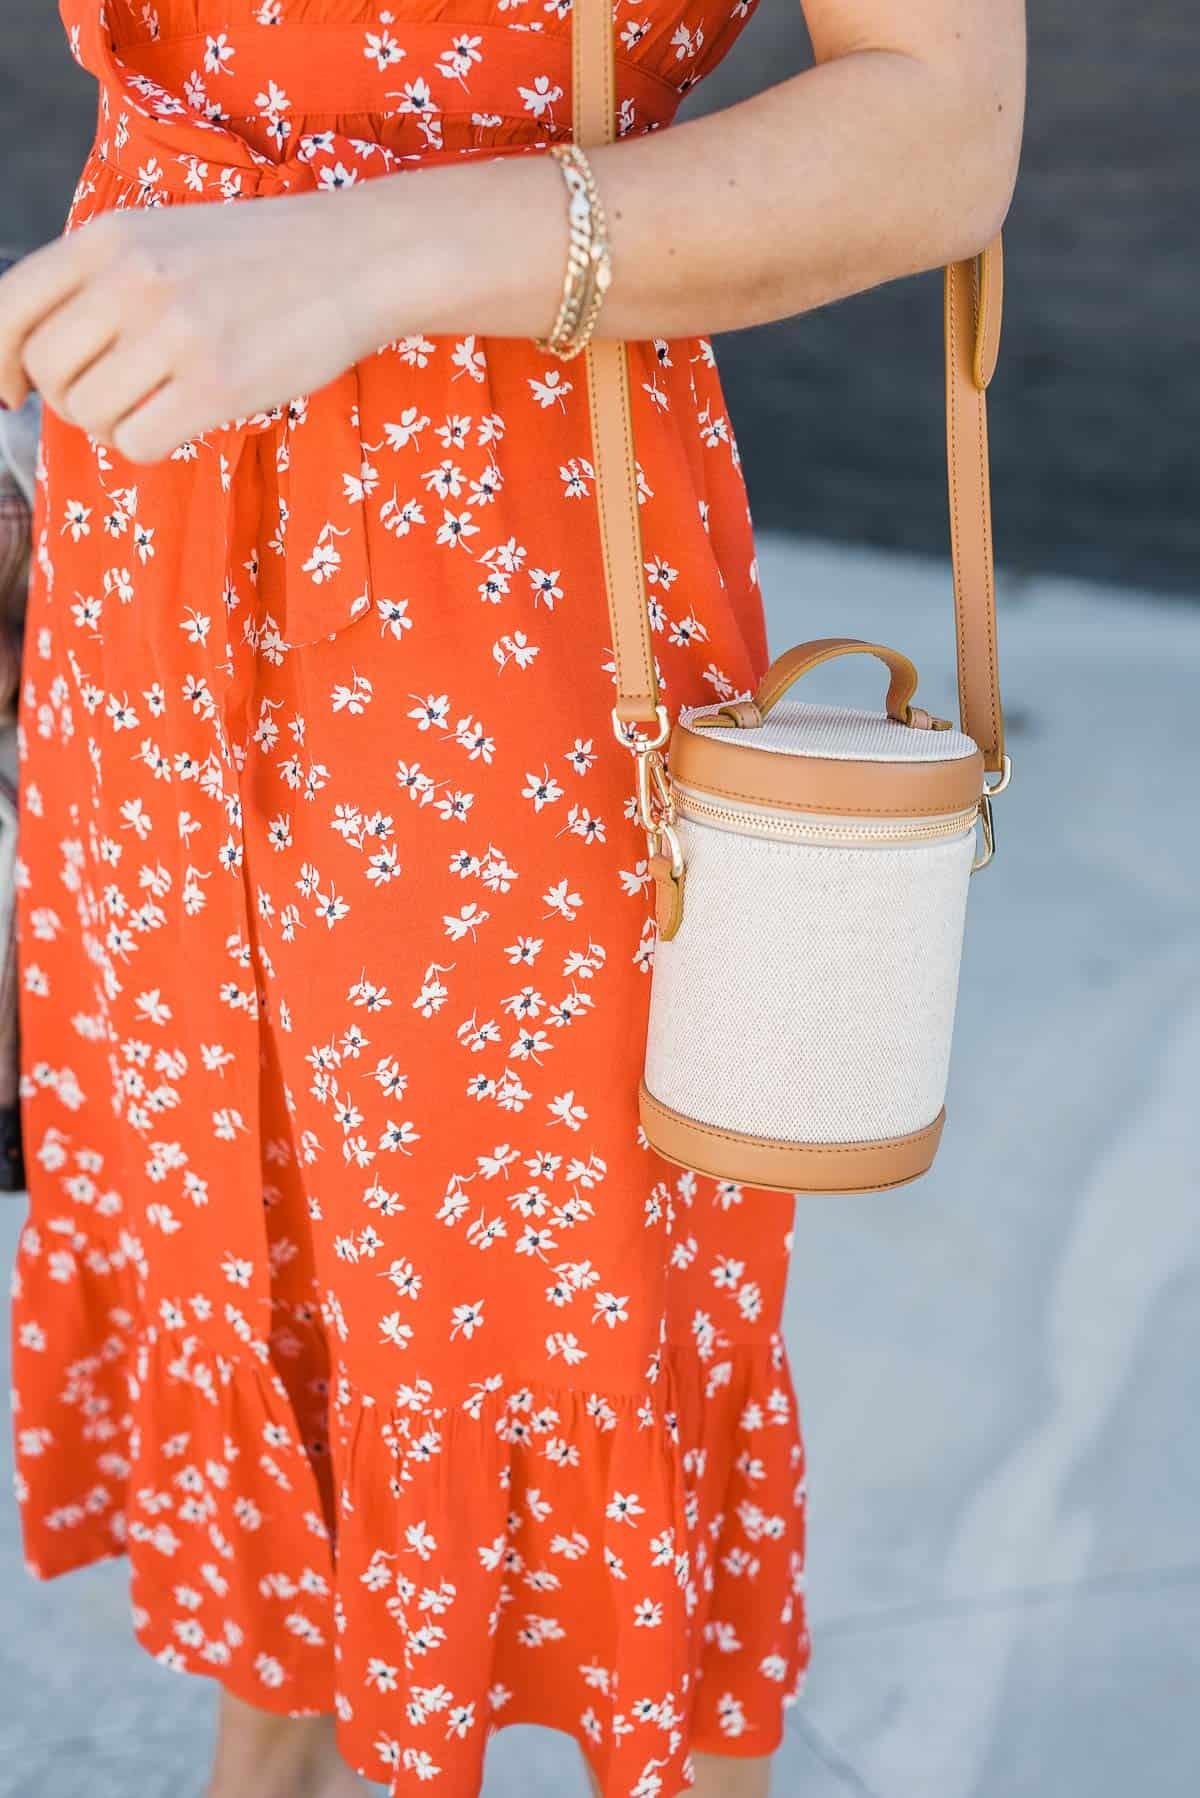 Paravel linen bag for summer